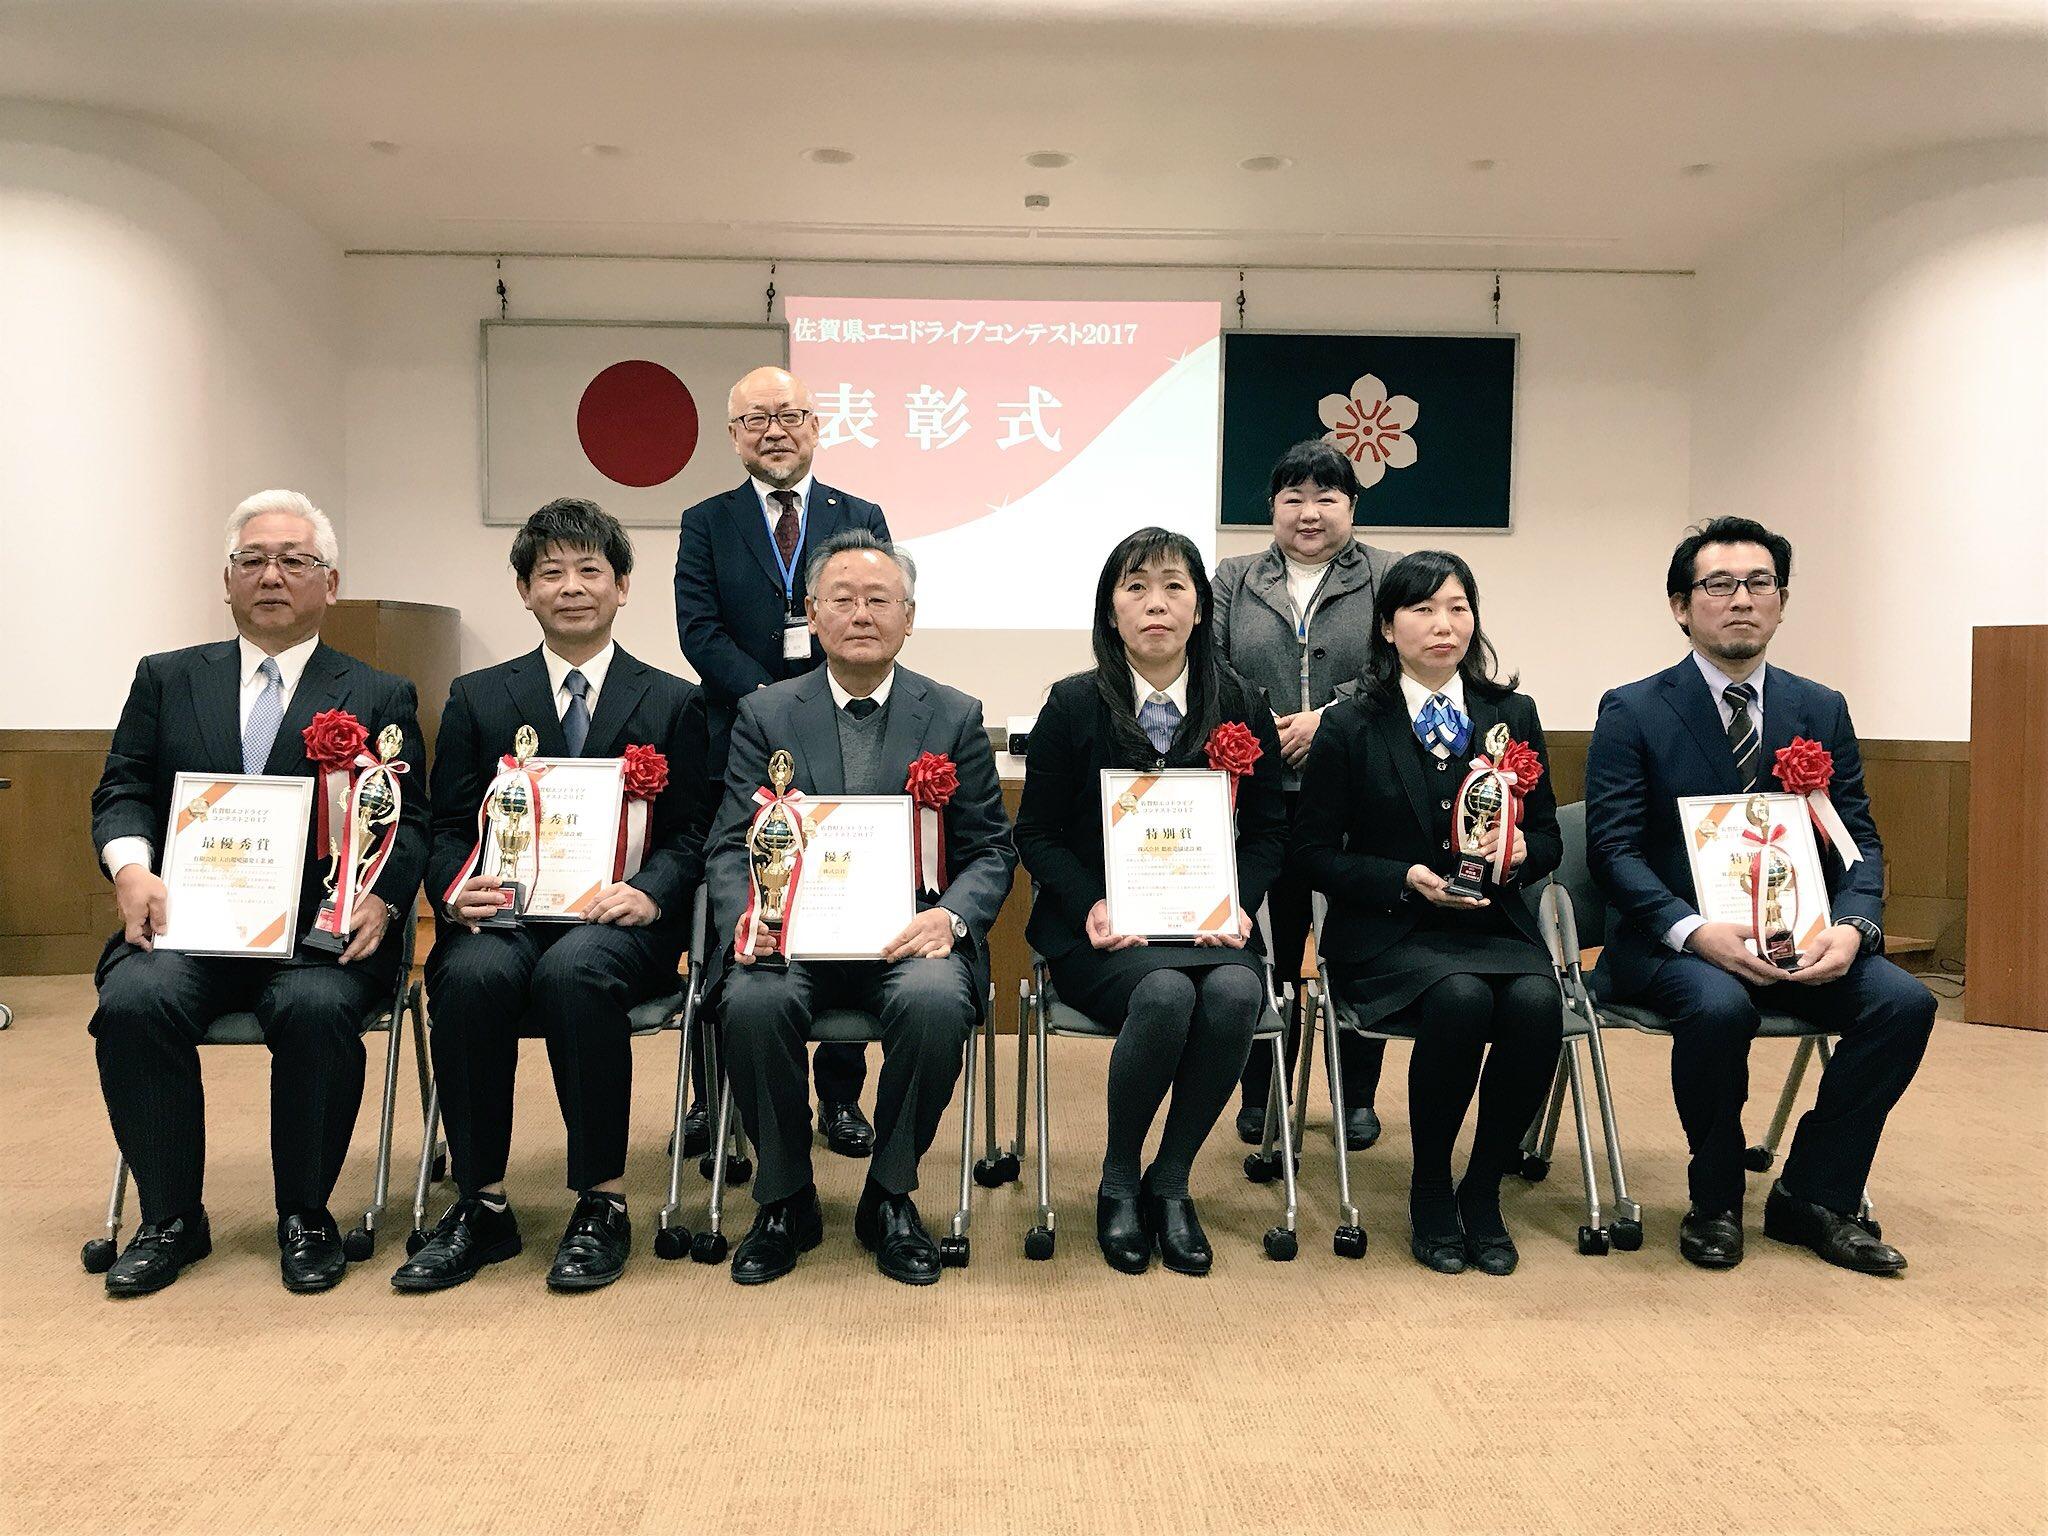 佐賀県エコドライブコンテスト2017『優秀賞』受賞